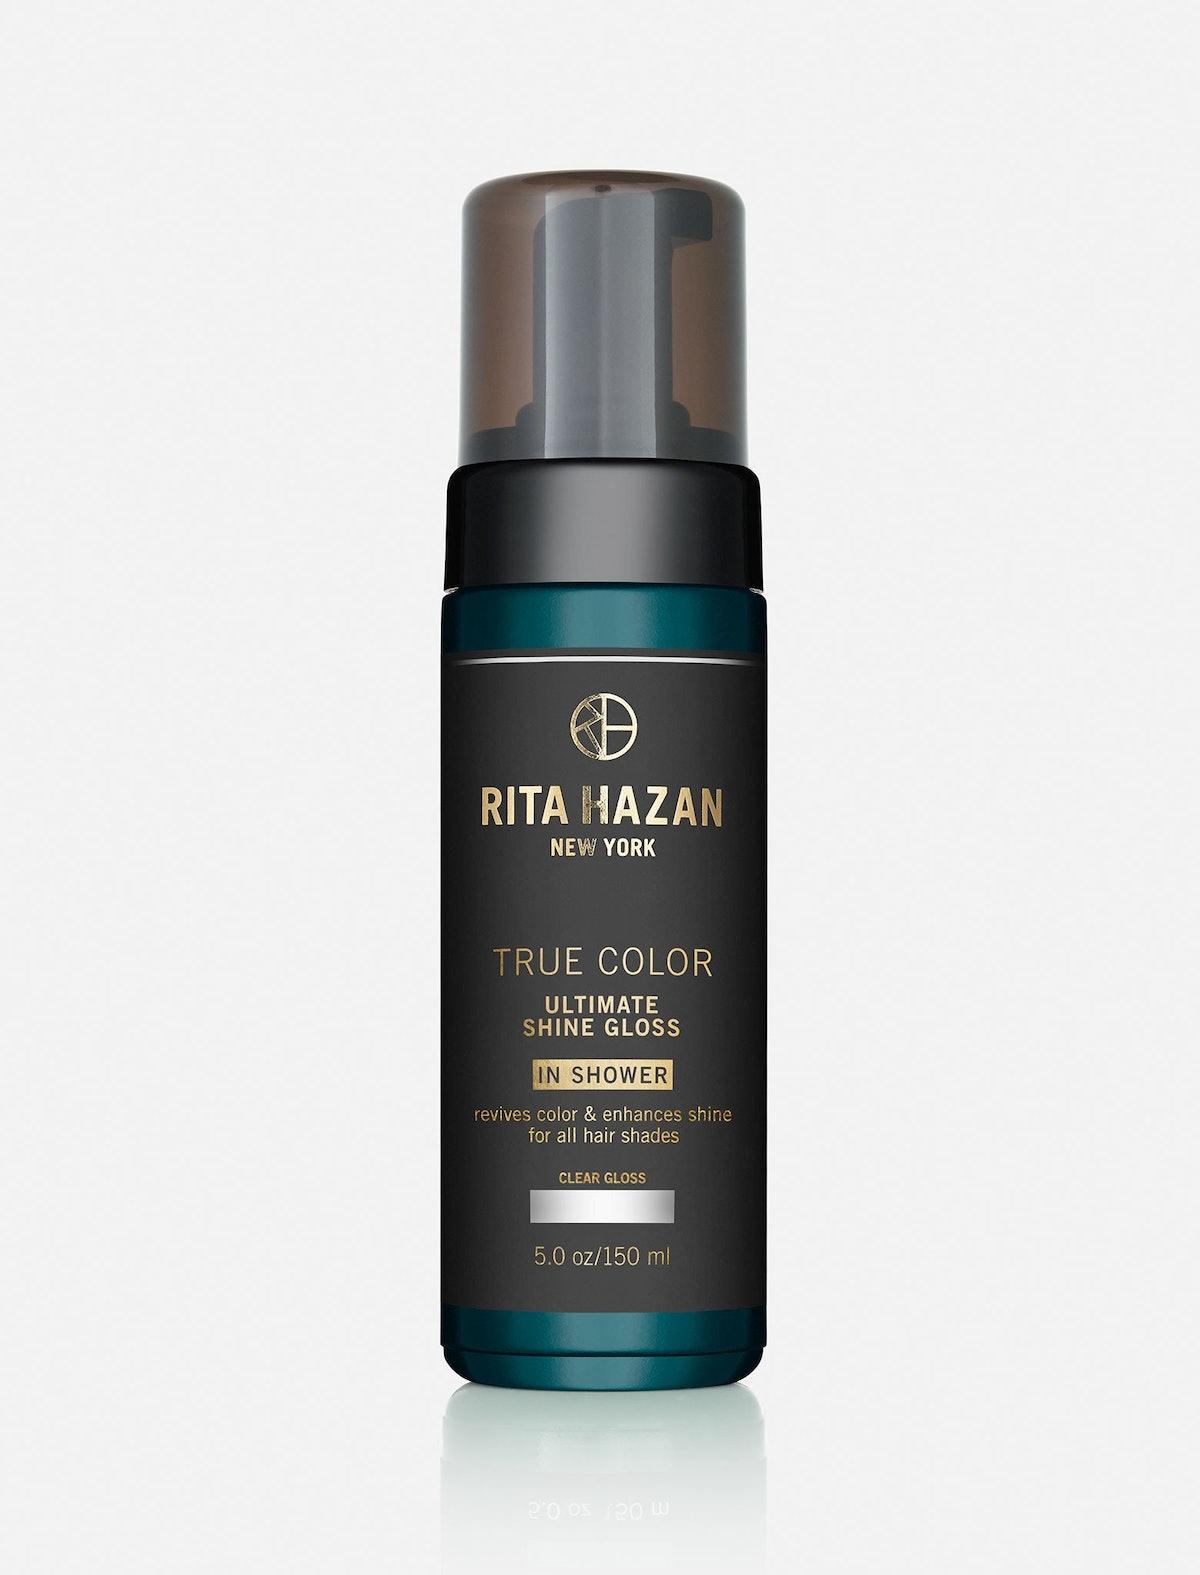 True Color Ultimate Shine Gloss